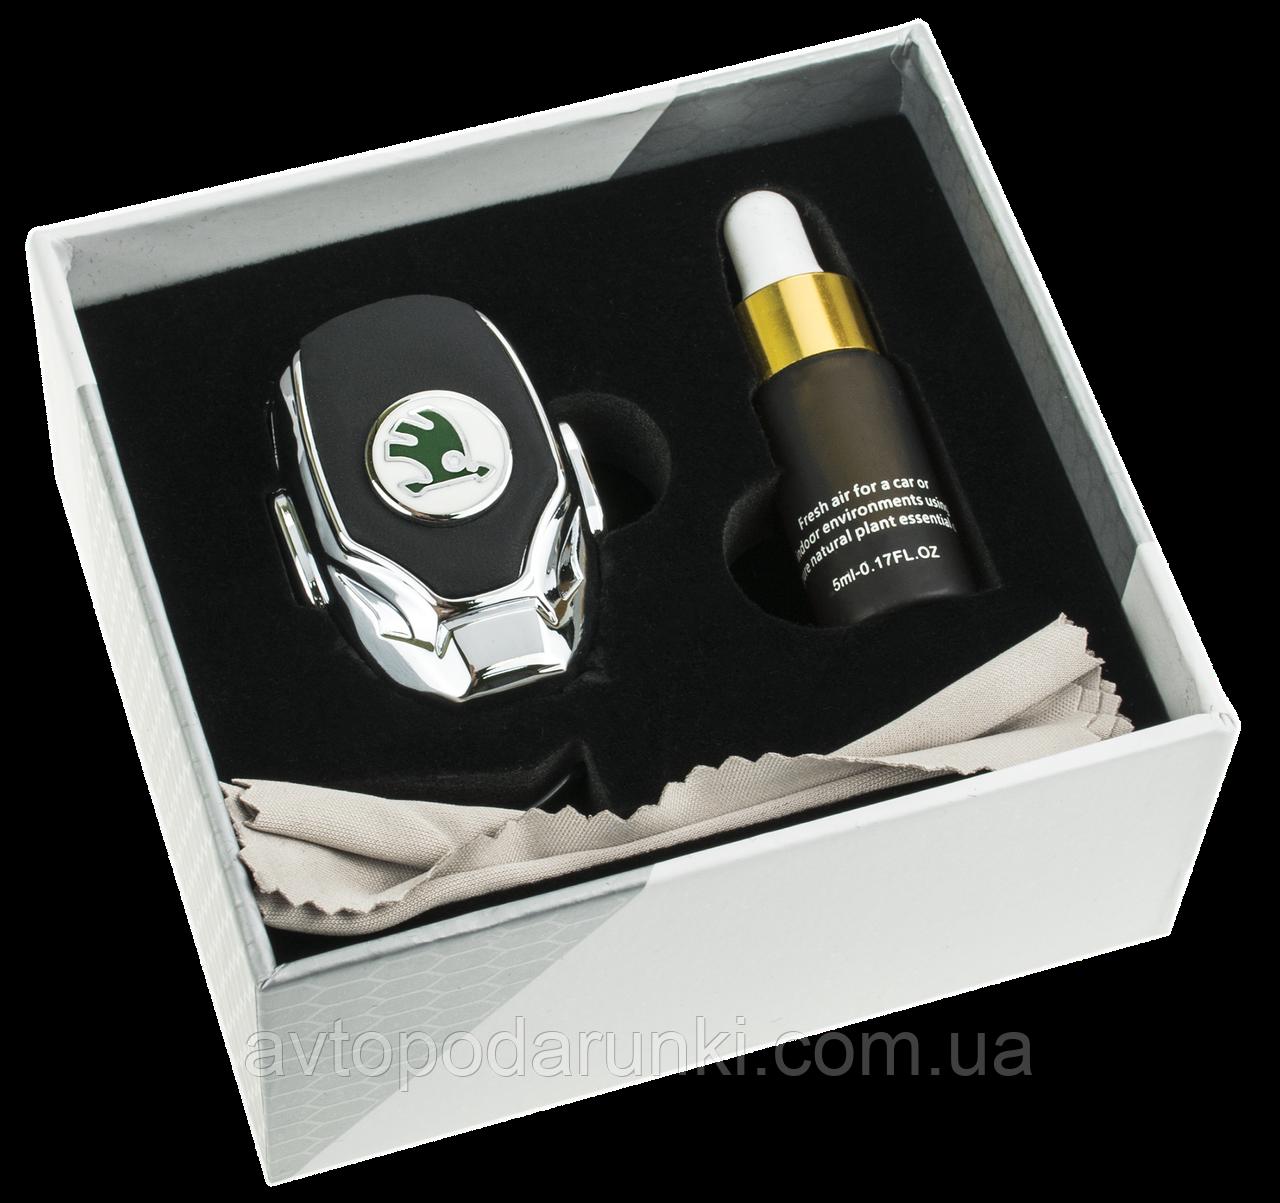 Ароматизатор PREMIUM с логотипом SKODA (Крепление  на решетку, парфюмерная отдушка 5мл, салфетка, подарочная